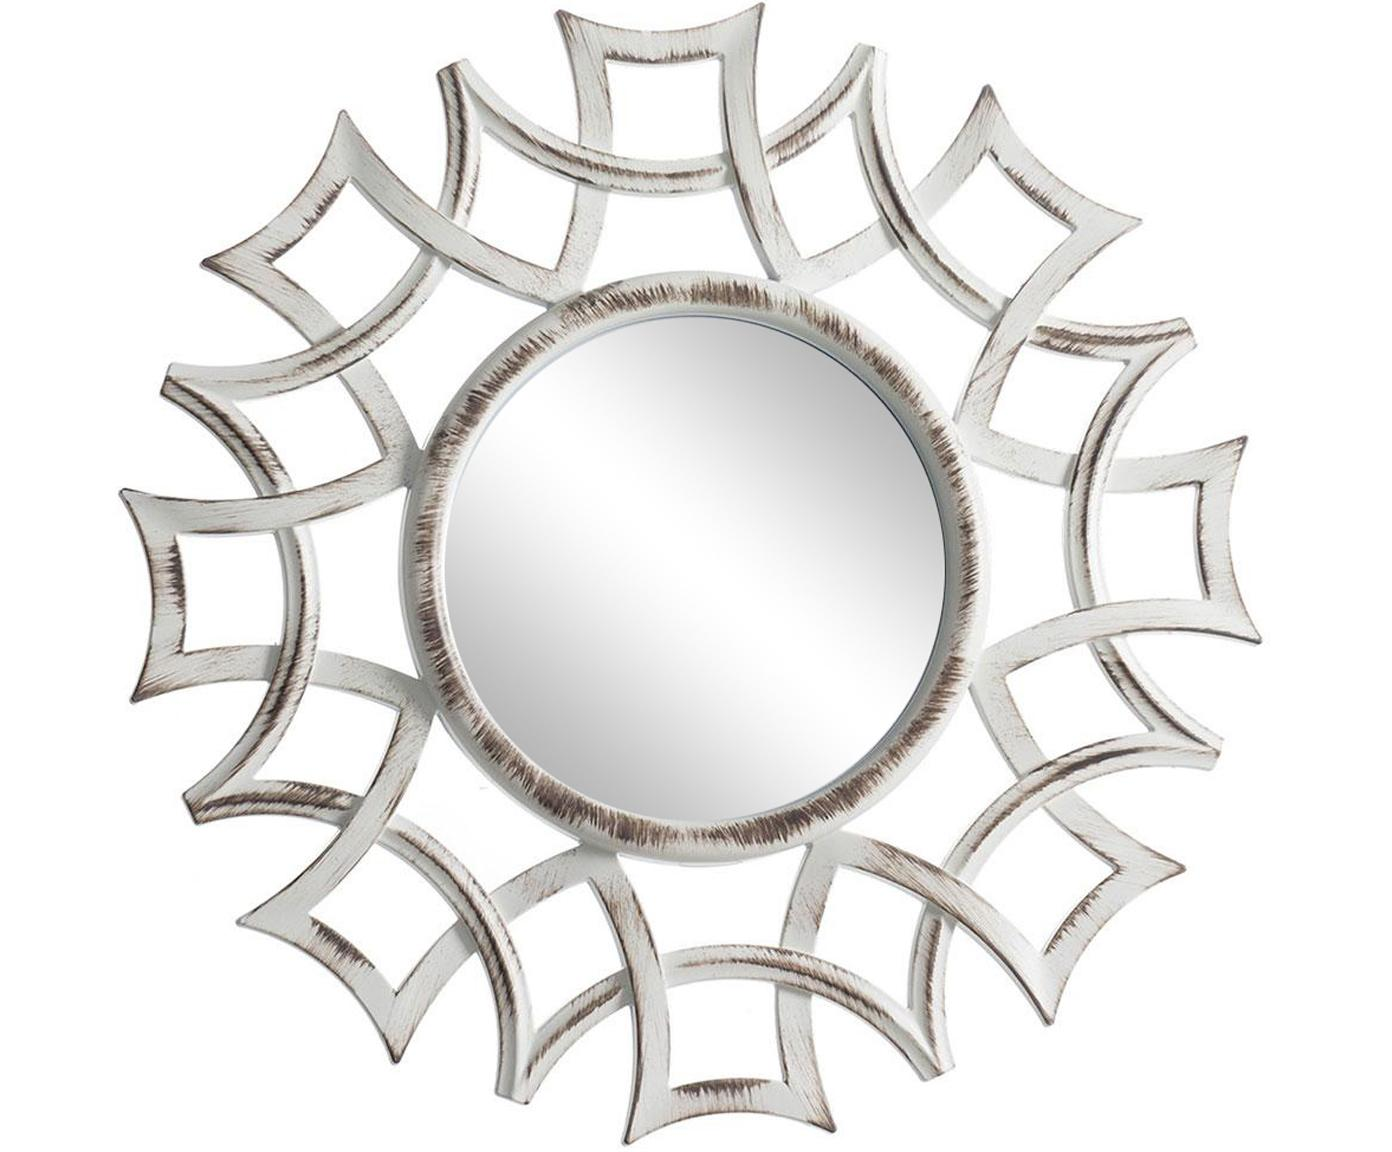 Espejo de pared Brunos World, 3uds., Plástico, espejo de cristal, Blanco, Ø 25 cm